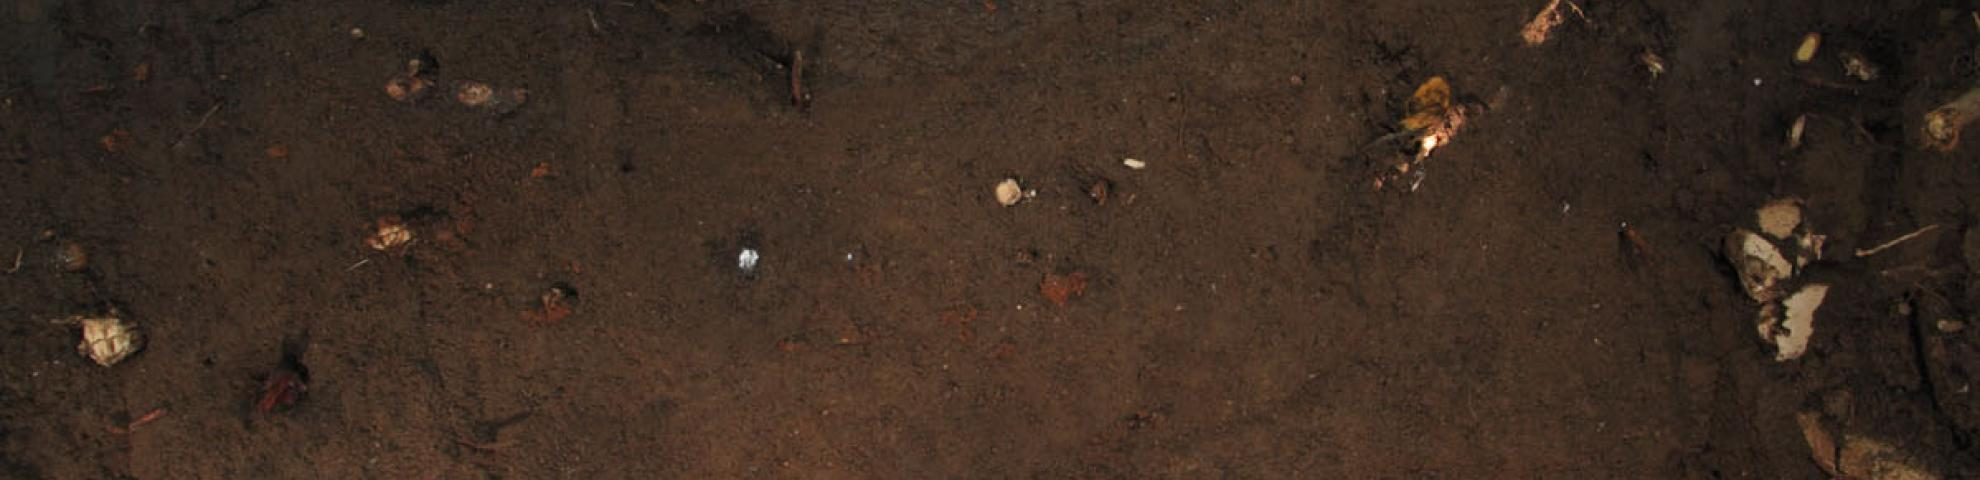 soil profile in HKK